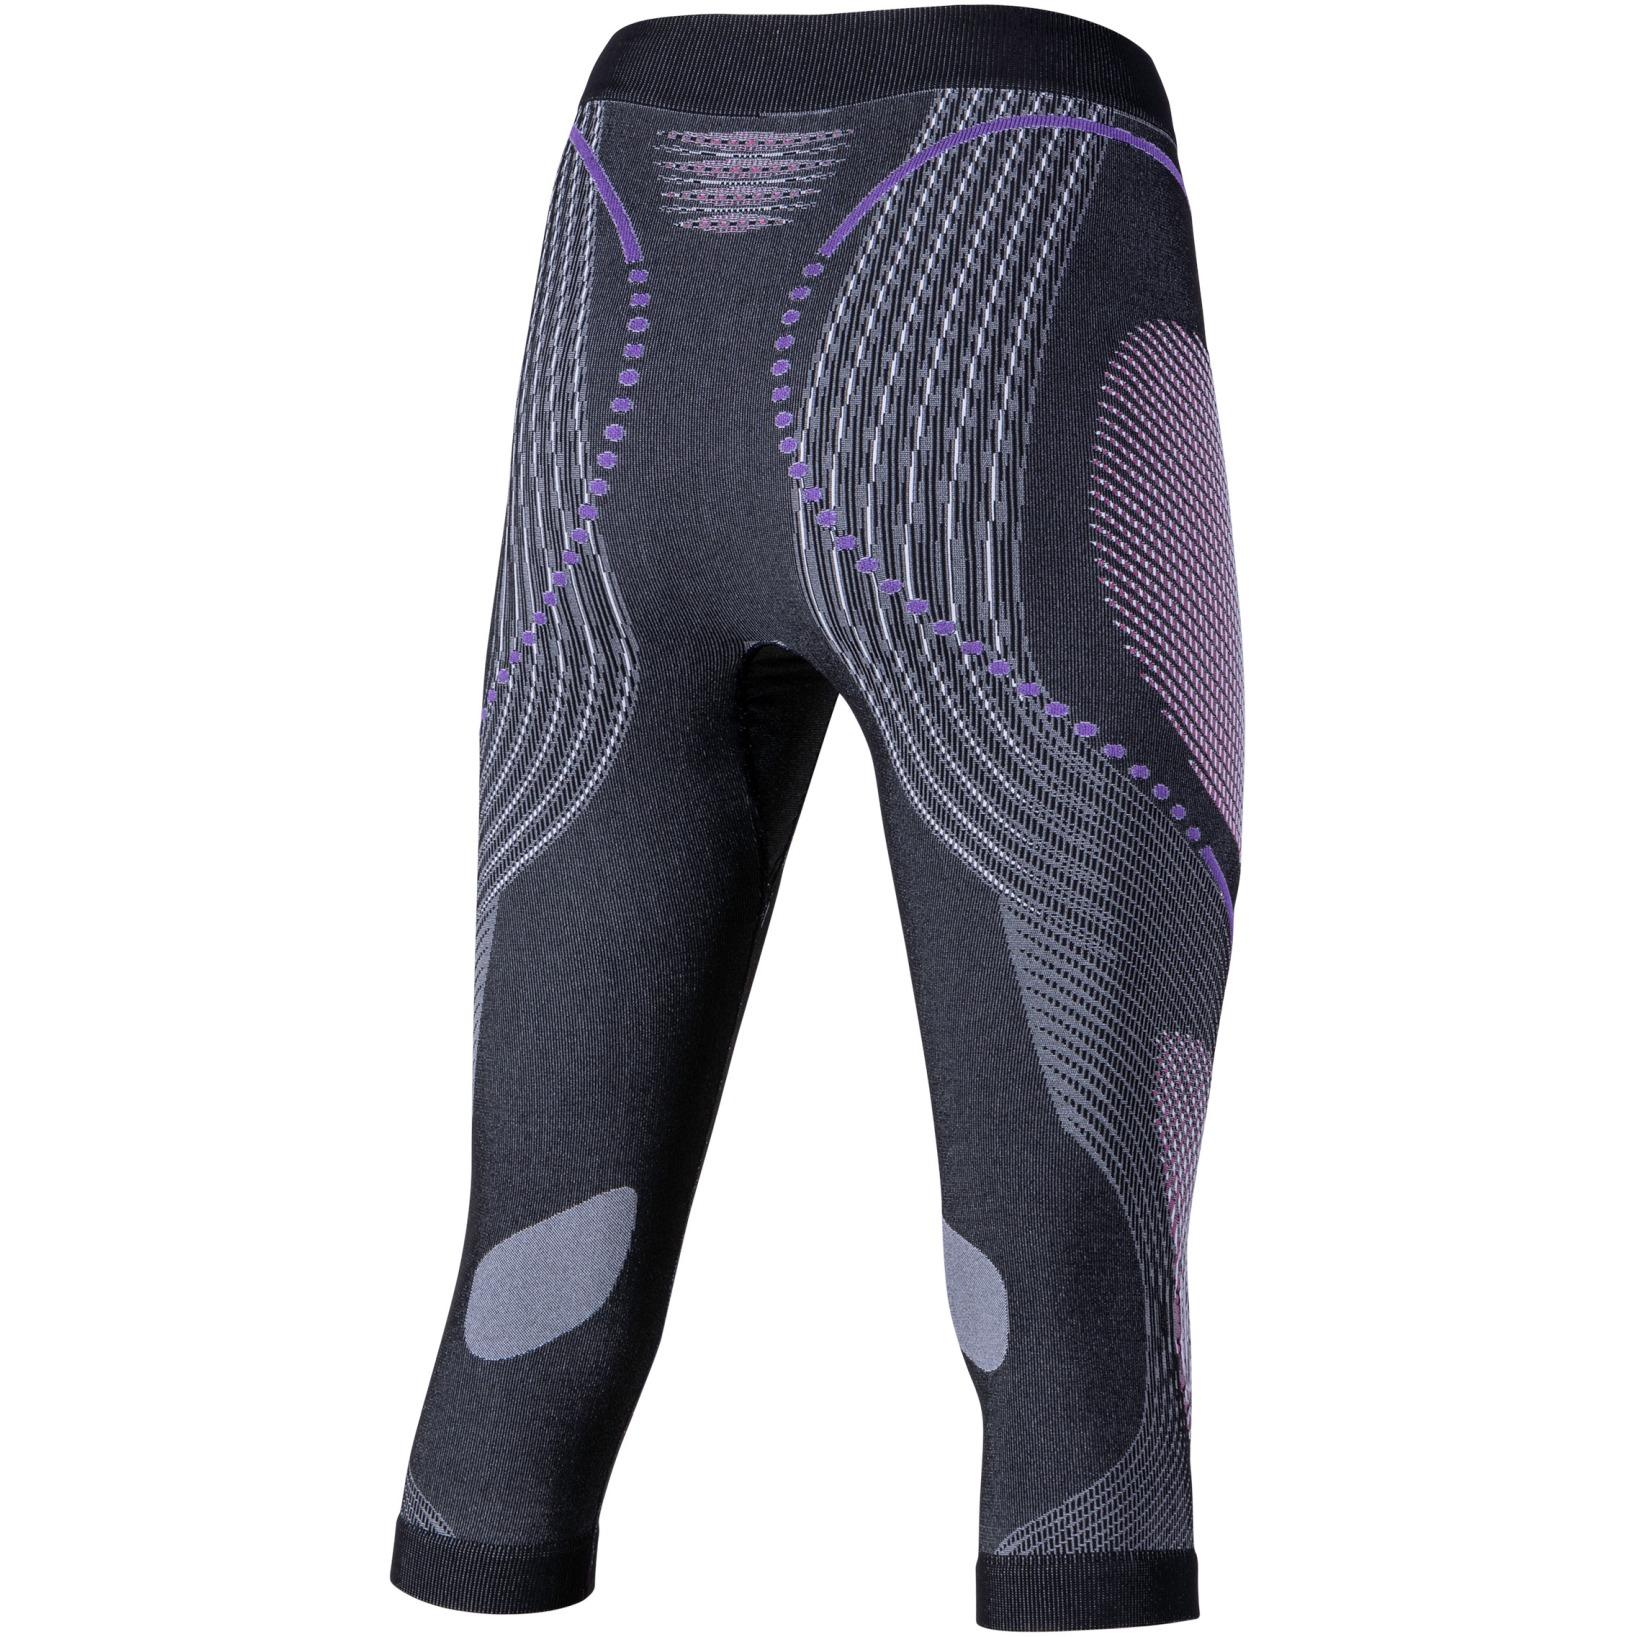 Bild von UYN Evolutyon Melange 3/4 Unterhose Damen - Anthracite Melange/Raspberry/Purple